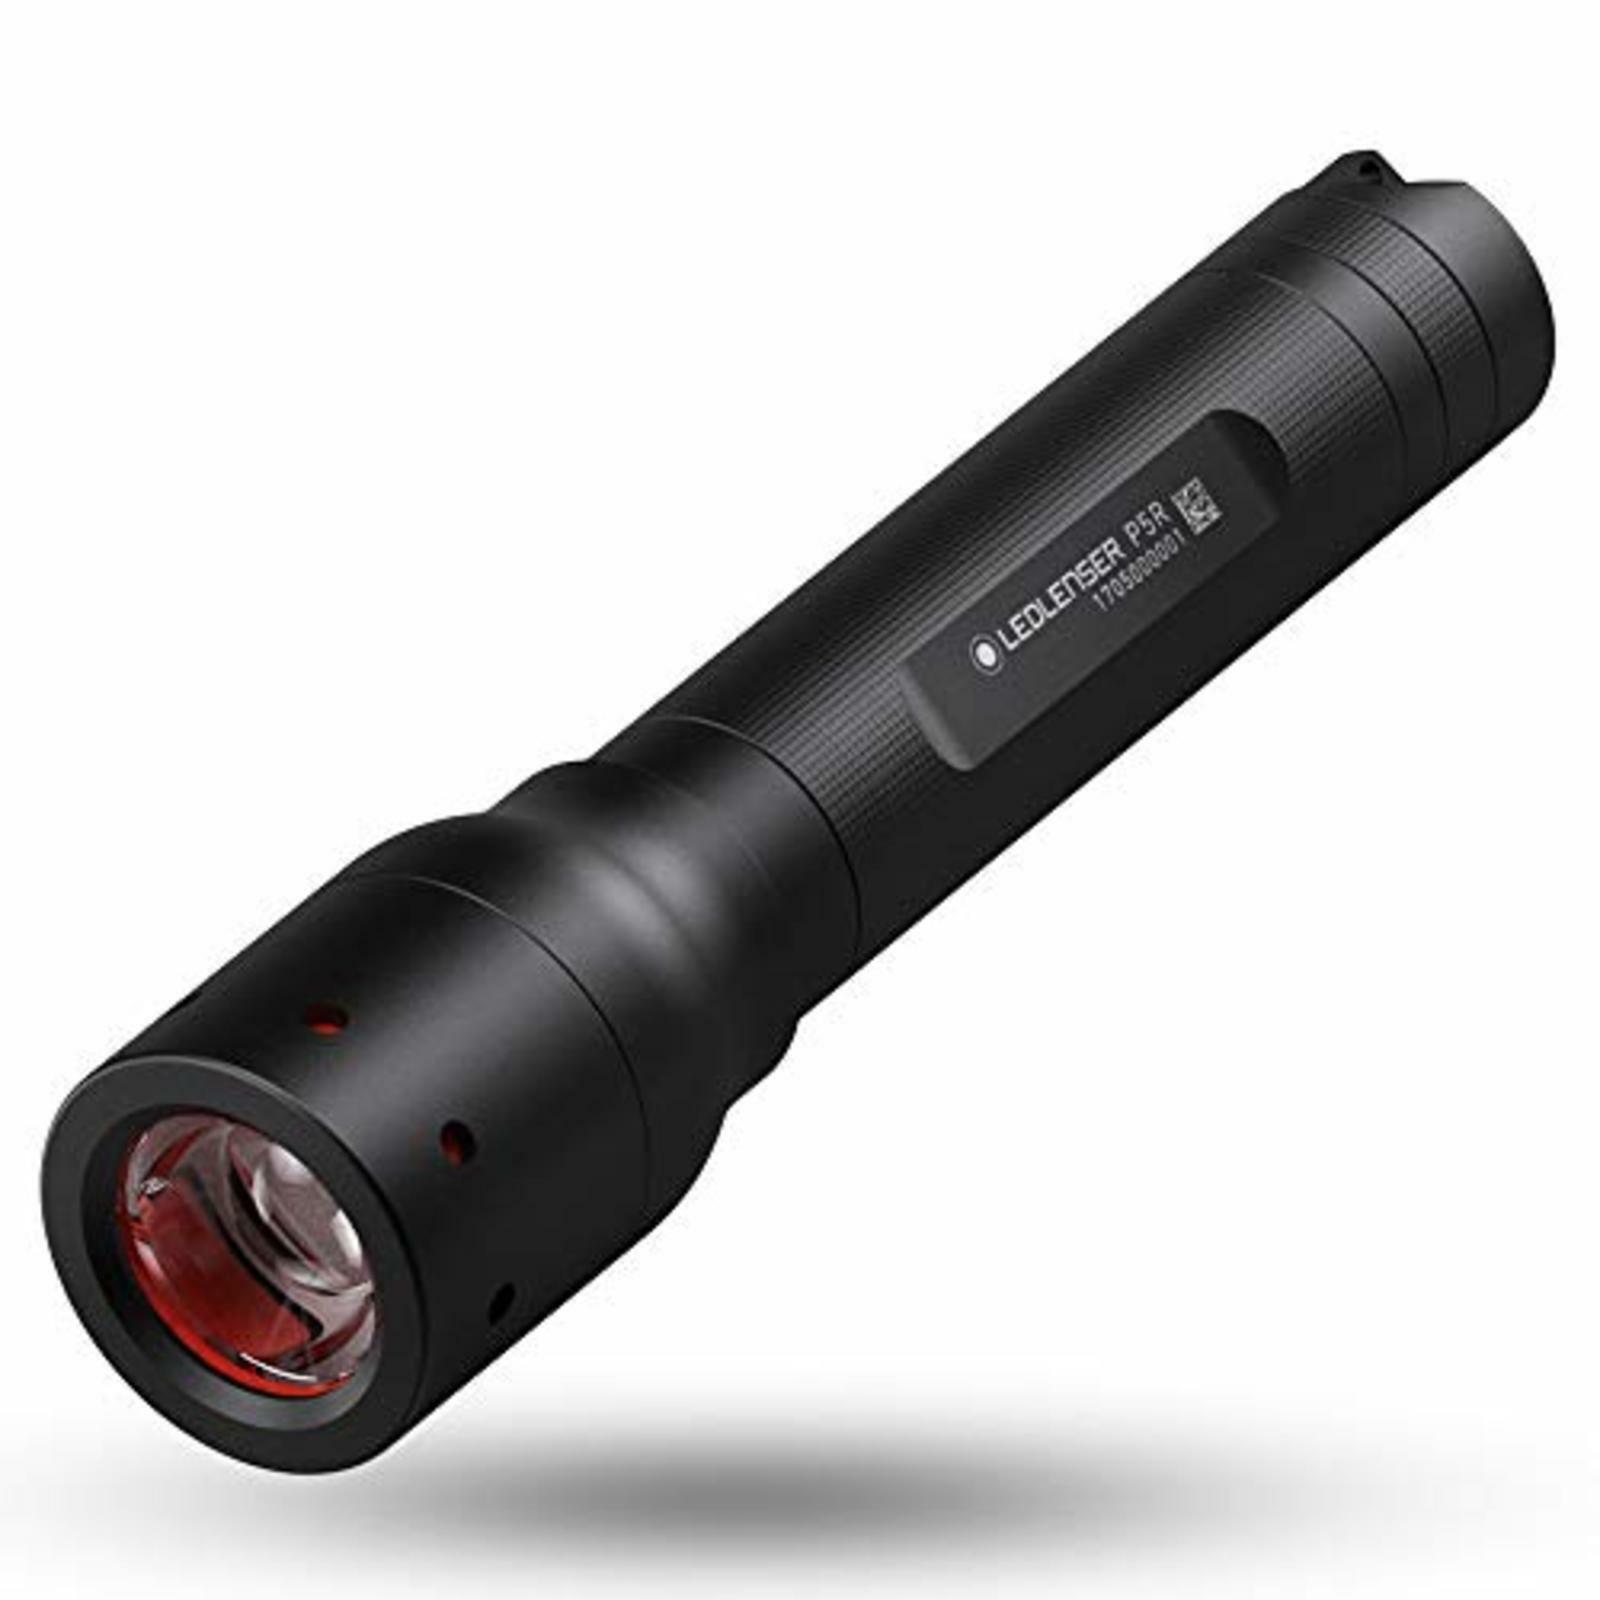 Lampe de Poche LED Ledlenser P5r 420 Lumens Torche Rechargeable 500897 4.6   F S